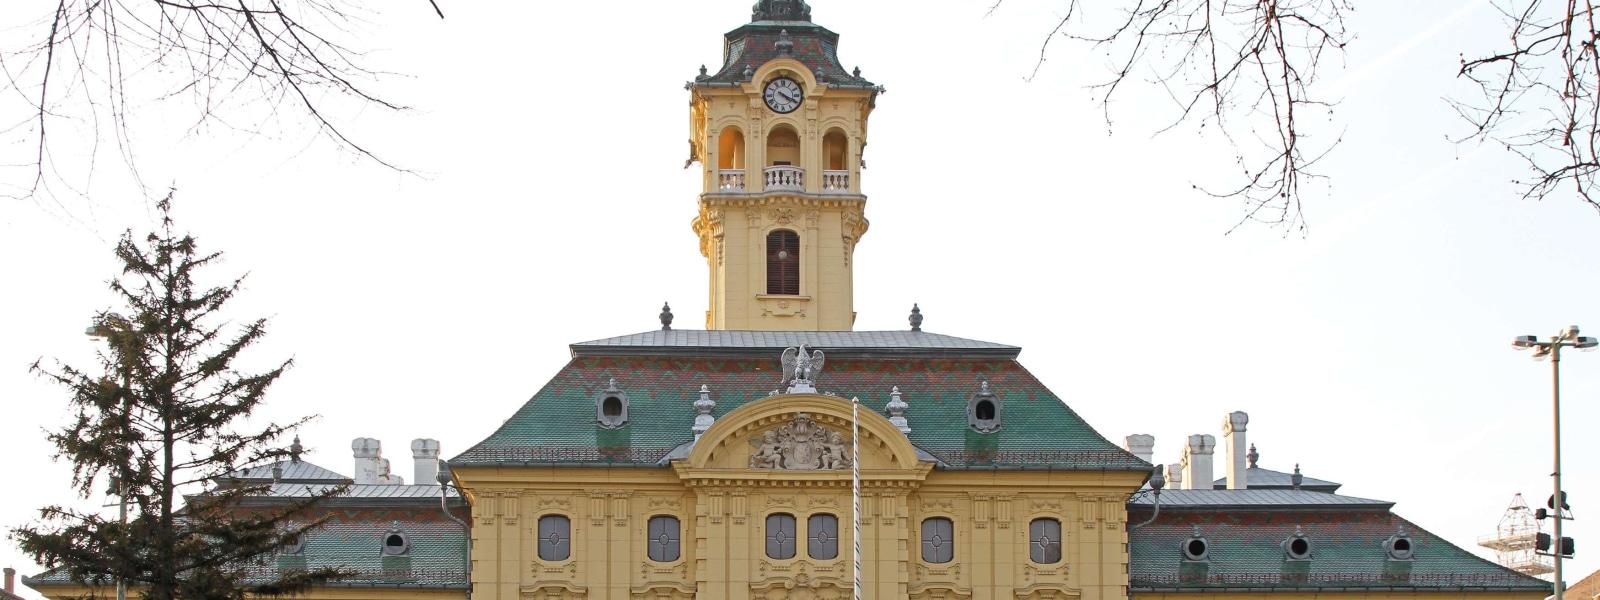 Szeged-Tour-Guide